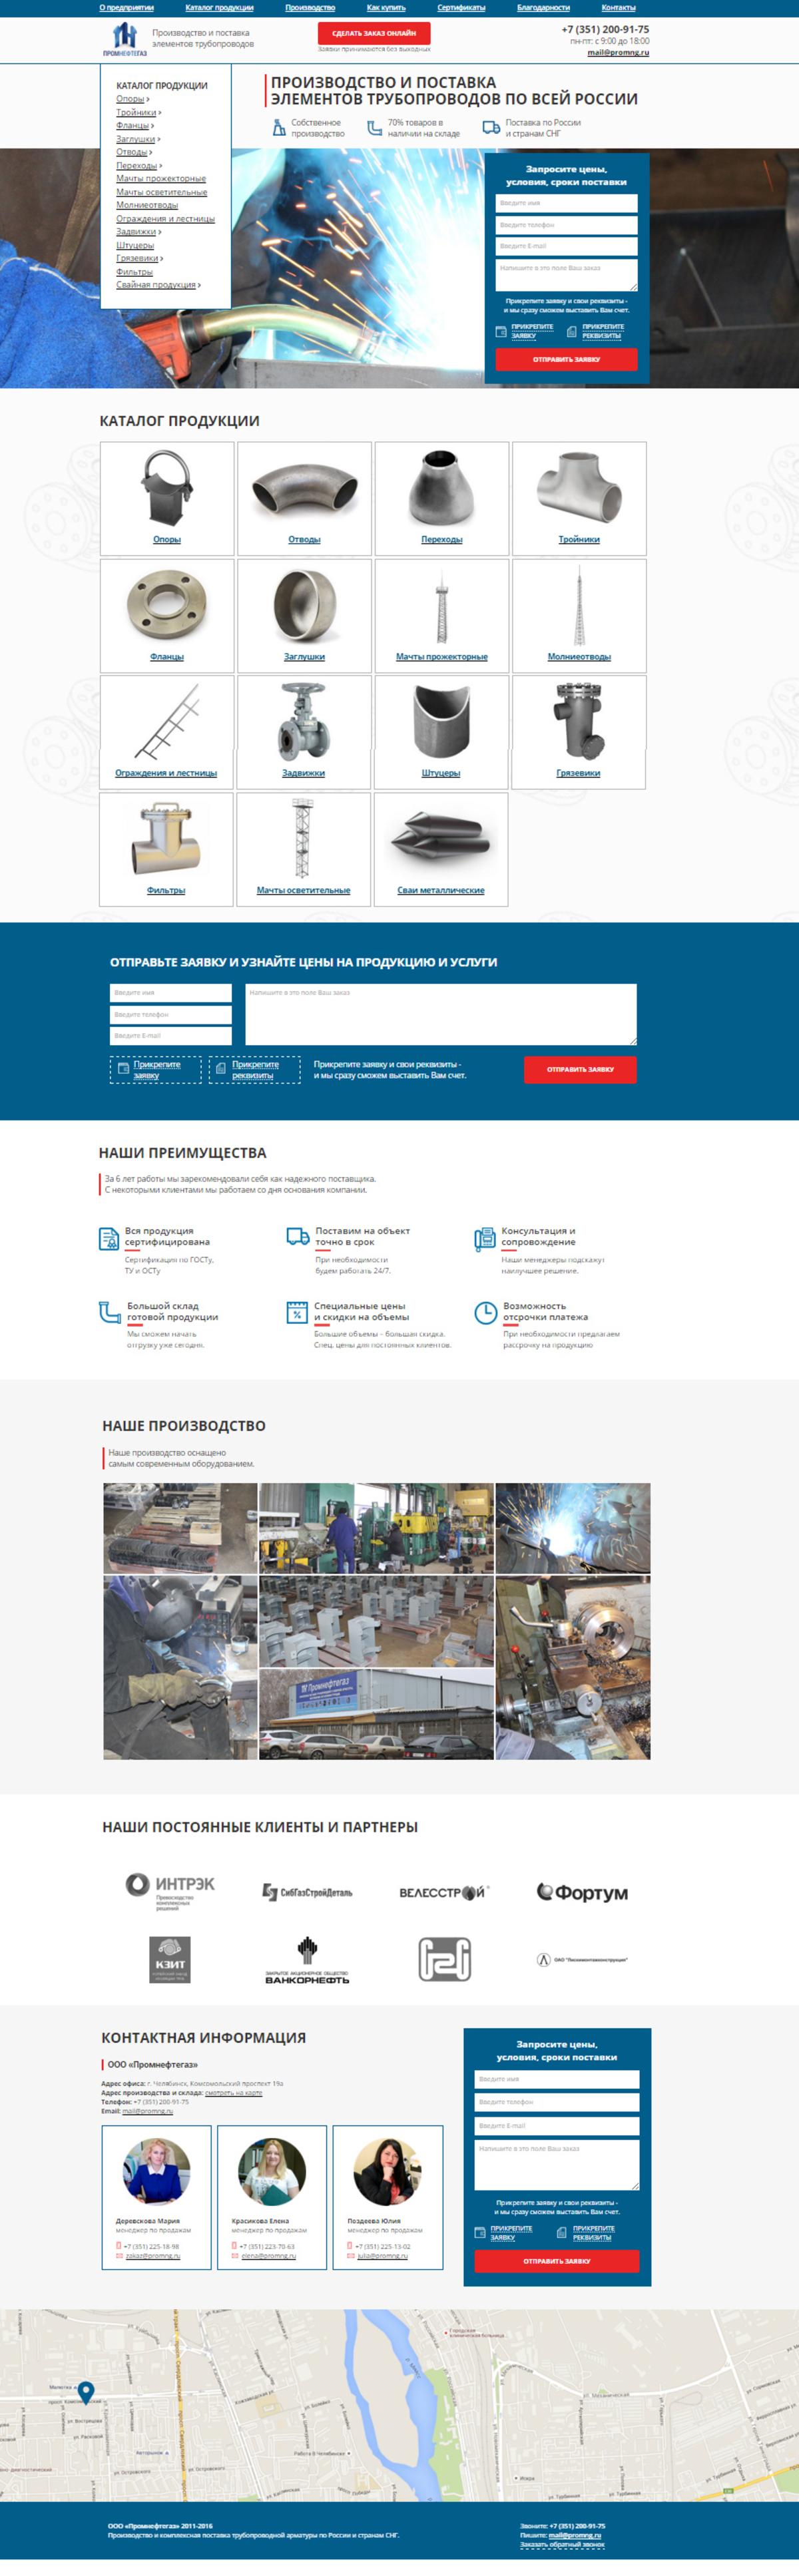 Разработка сайта для компании ПромНефтеГаз / Проект компании Интернет-агентство «СайтКрафт»